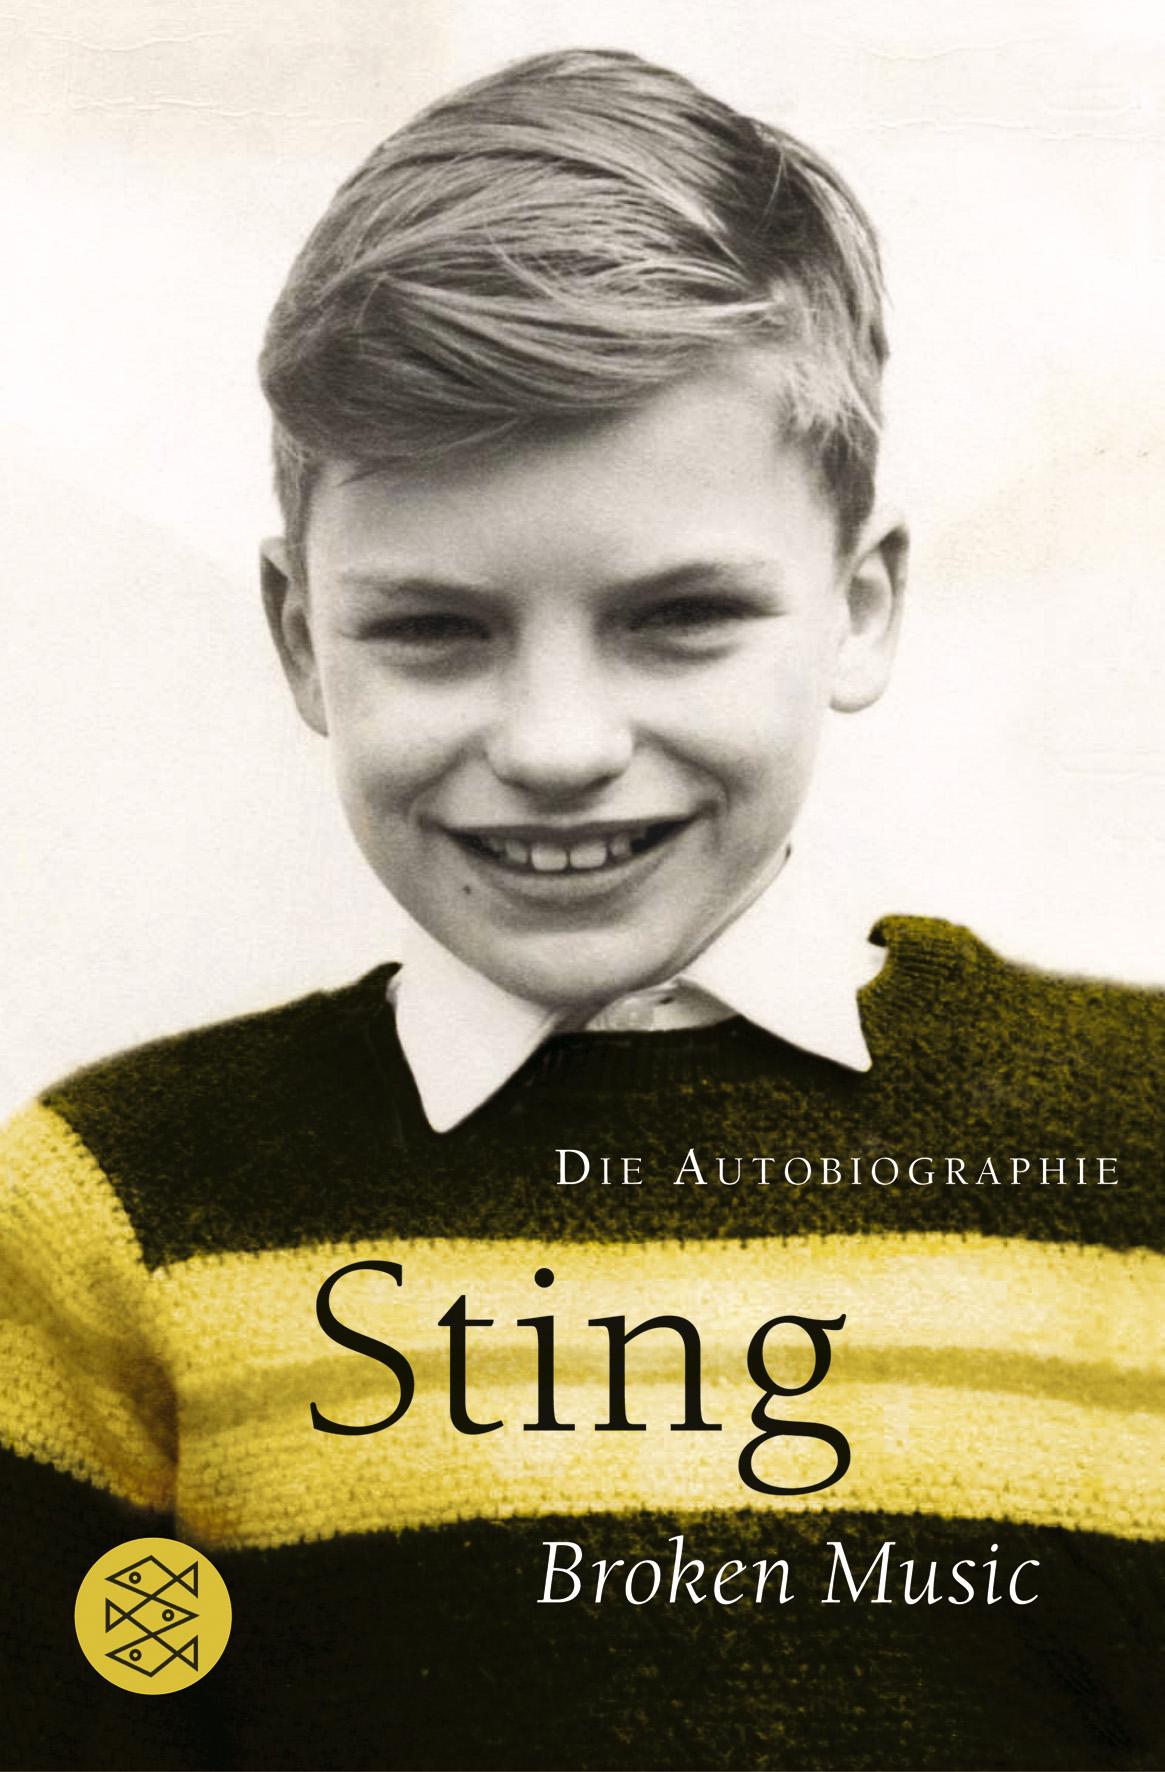 Broken Music. Die Autobiografie - Sting